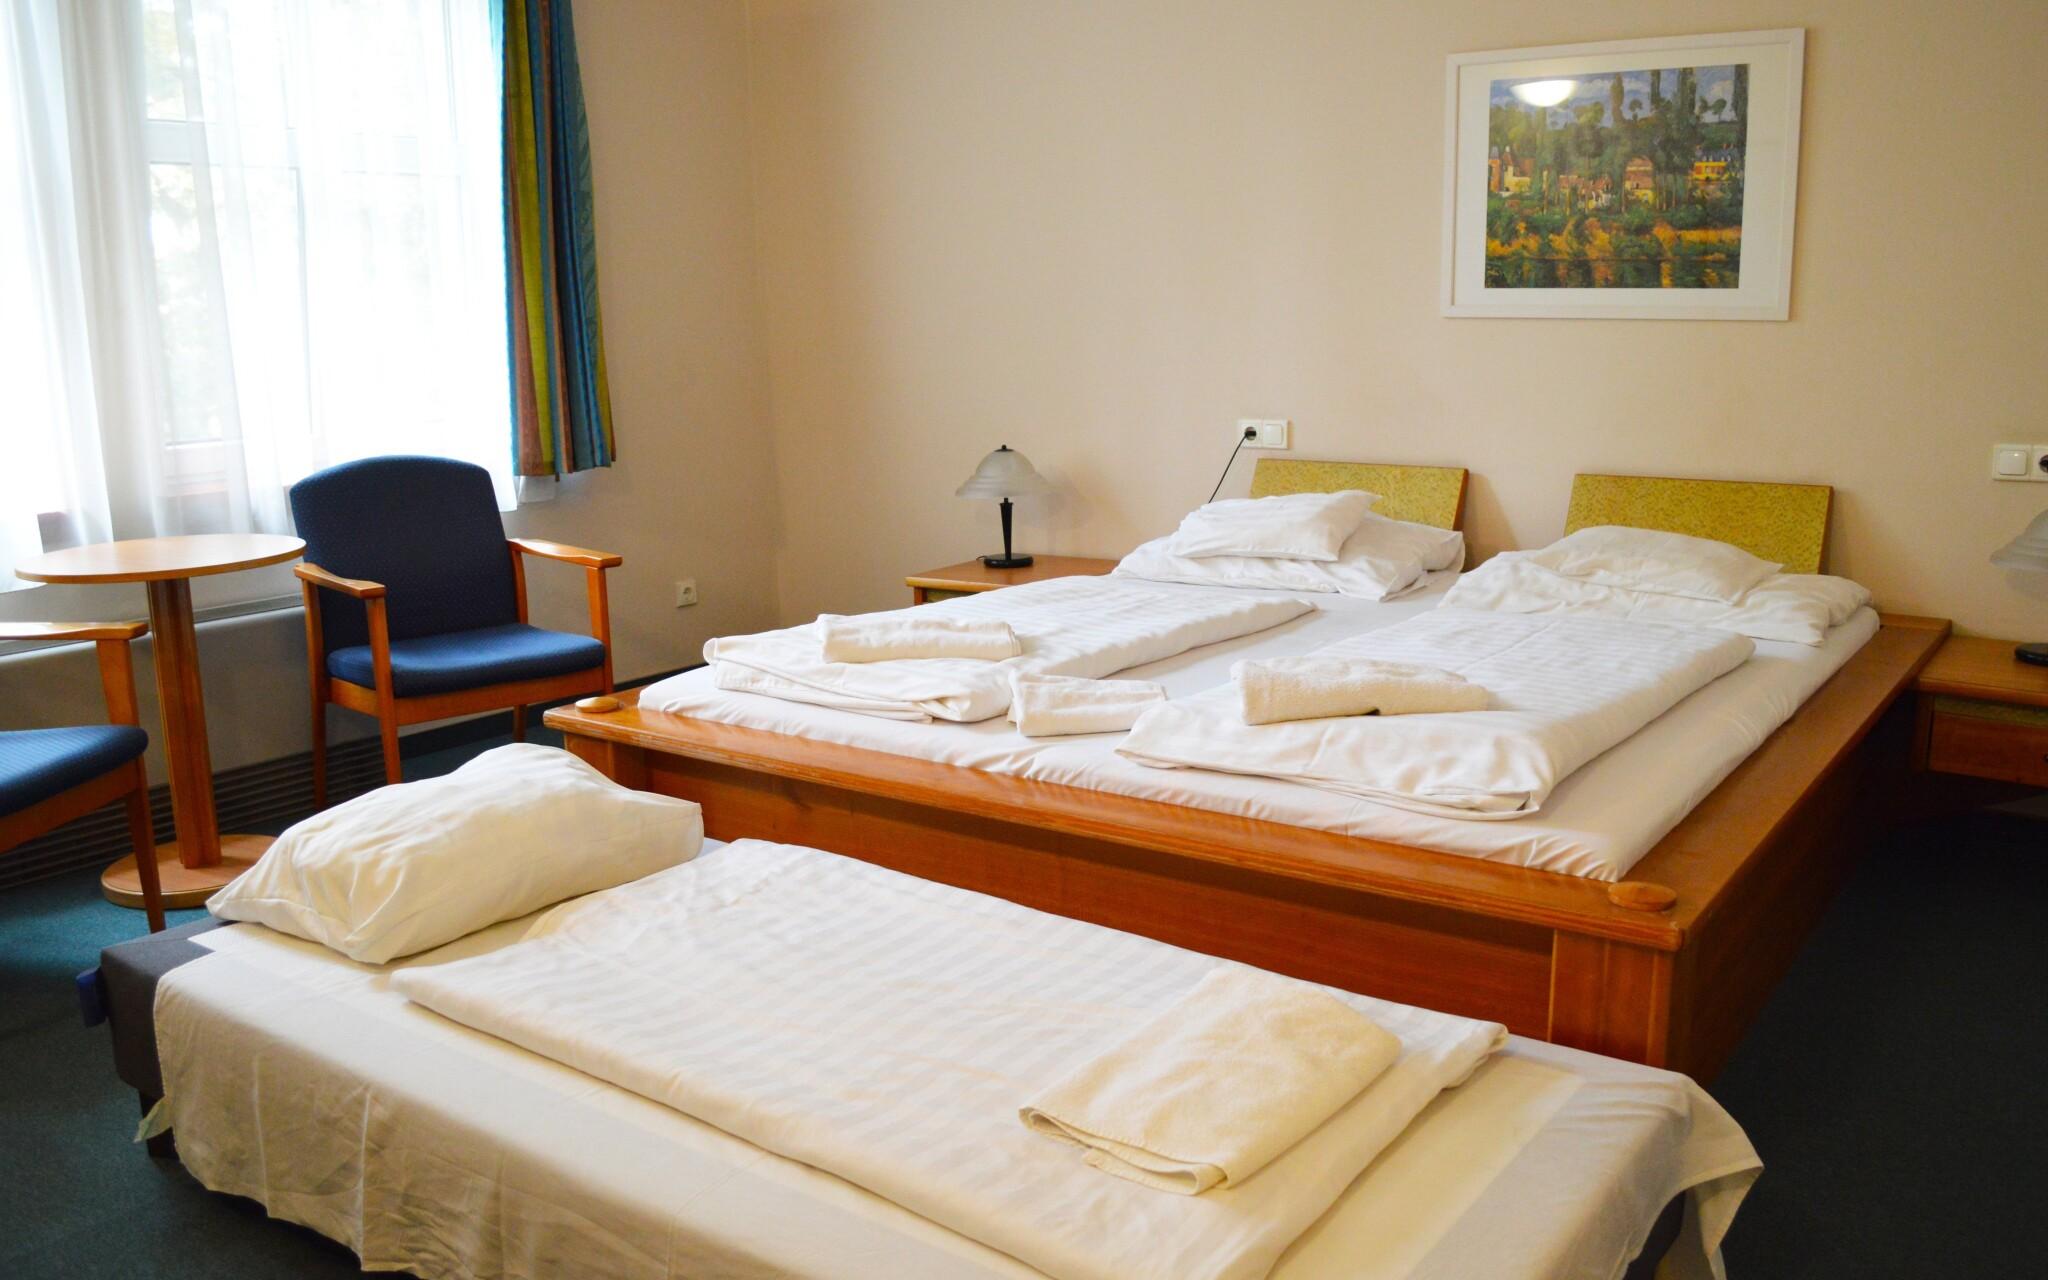 Dvojlôžkové izby sú pohodlne vybavené